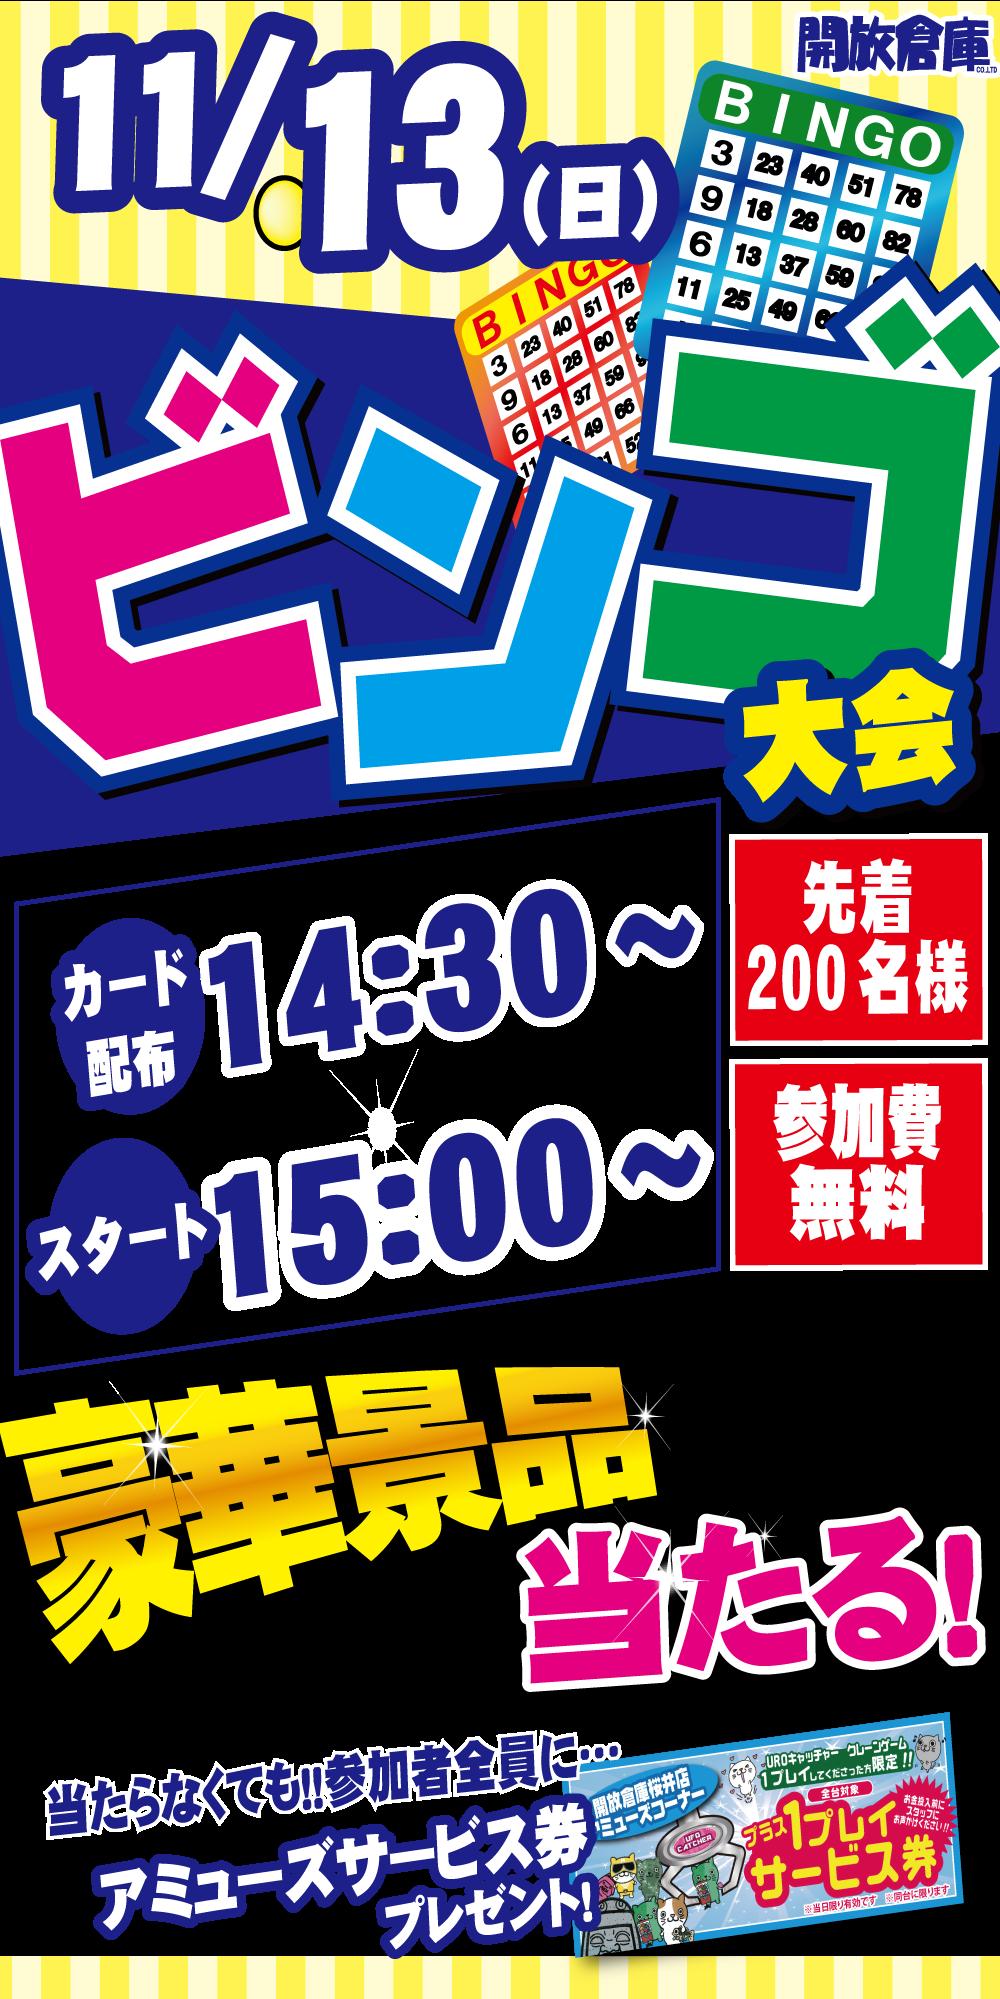 「開放倉庫桜井店」11月13日は大盛況!ビンゴ大会を開催いたします!!